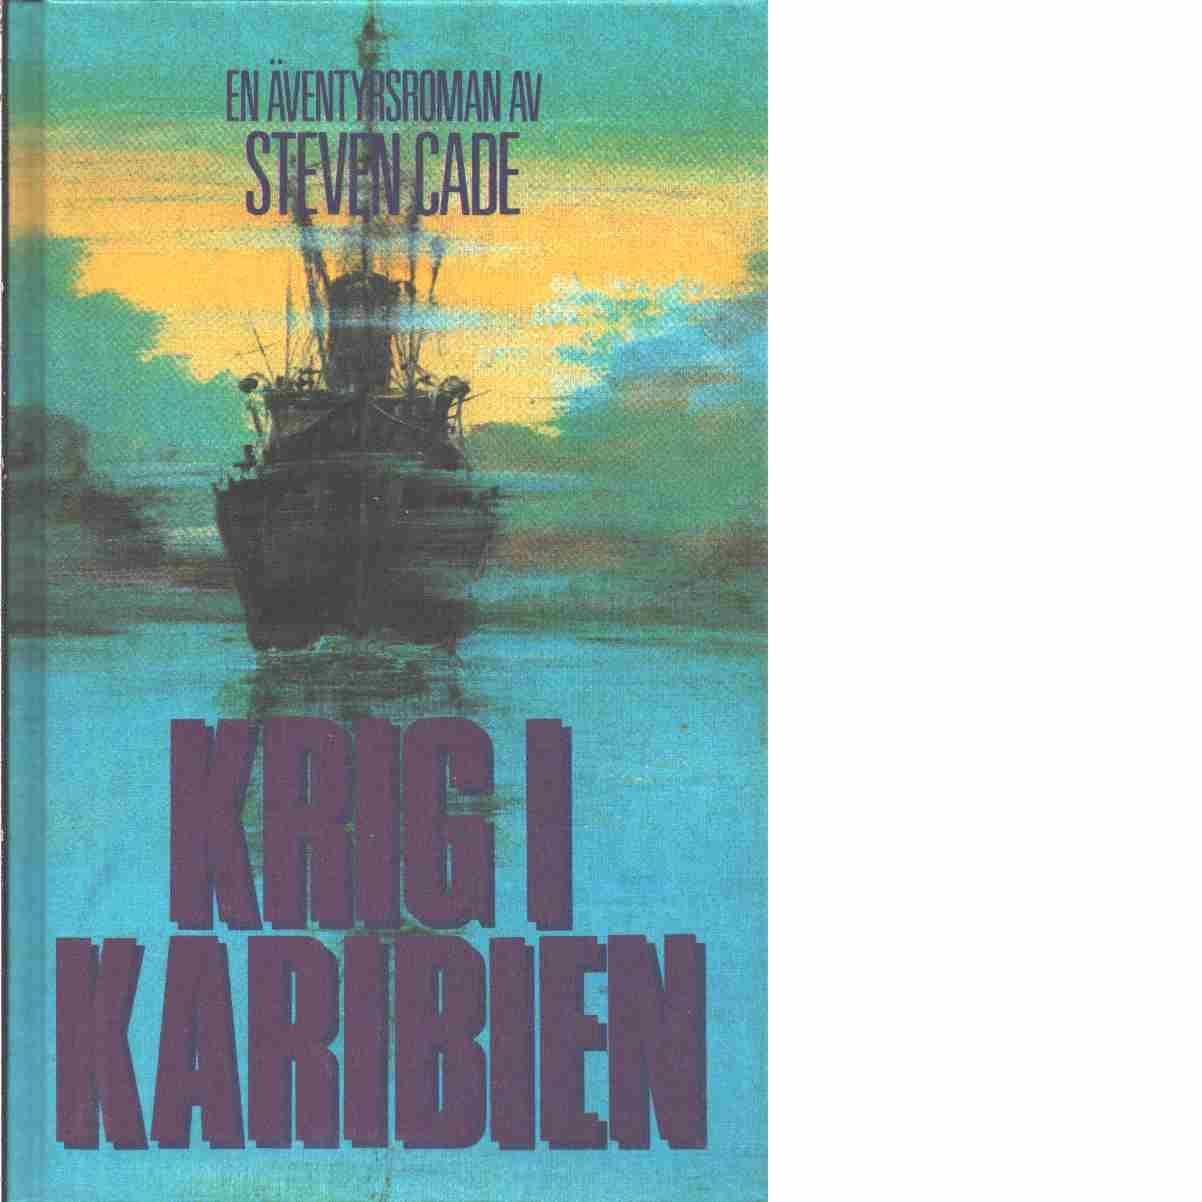 Krig i Karibien - Cade, Steven